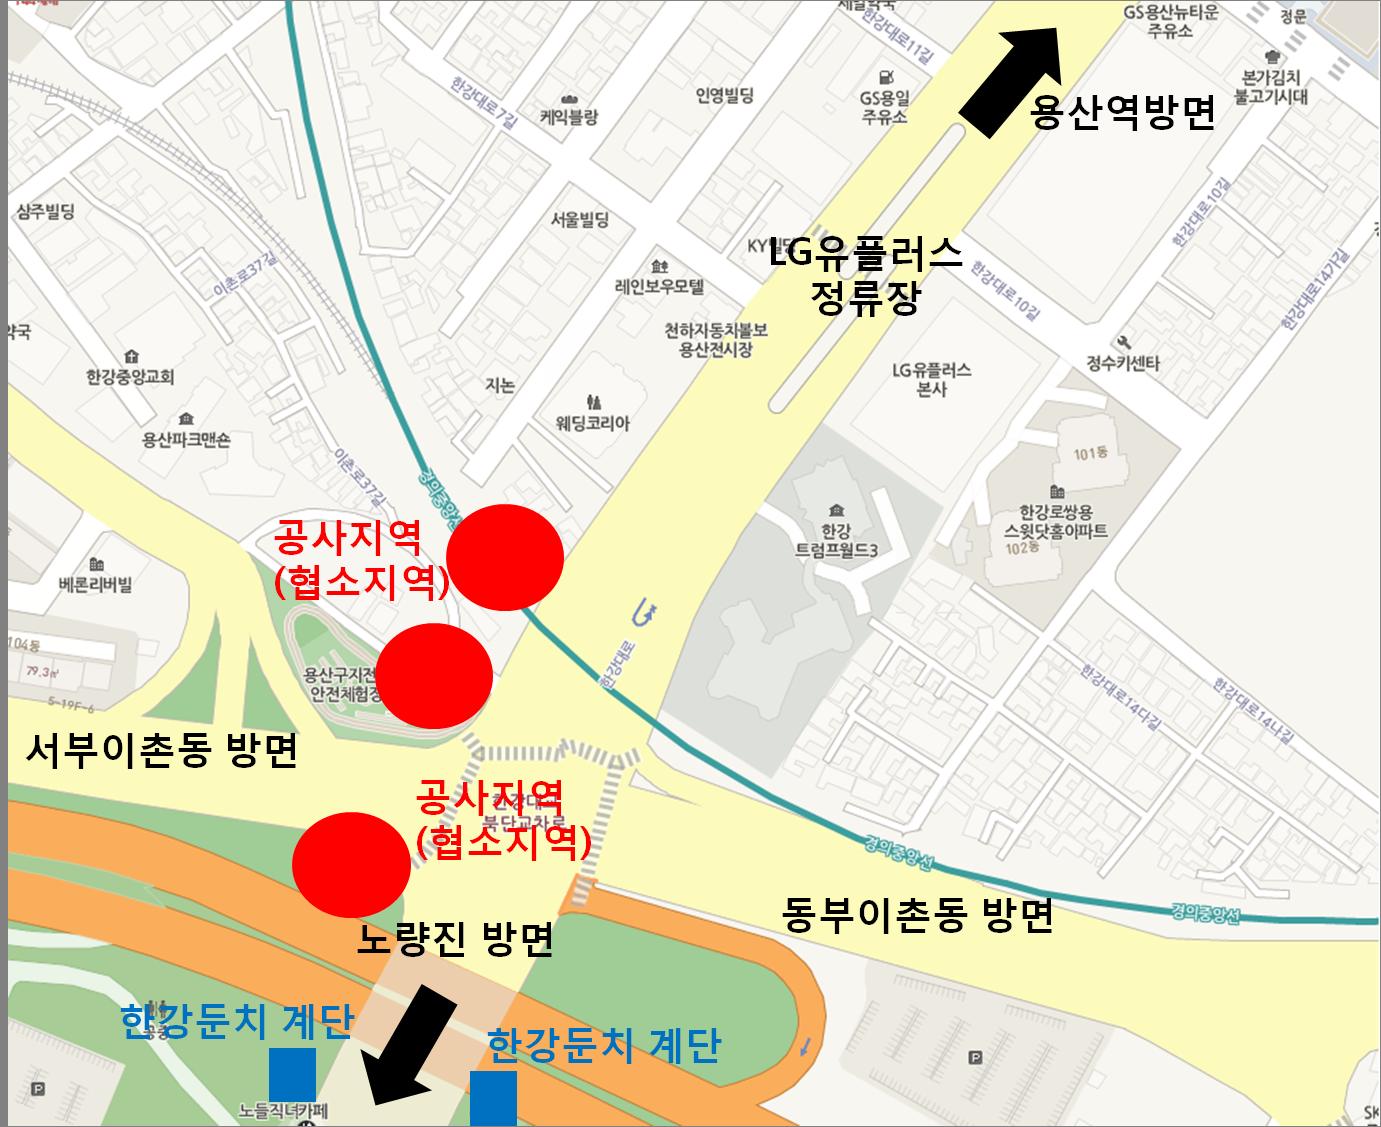 한강 2016 한화불꽃축제 관련 정보 (용산)